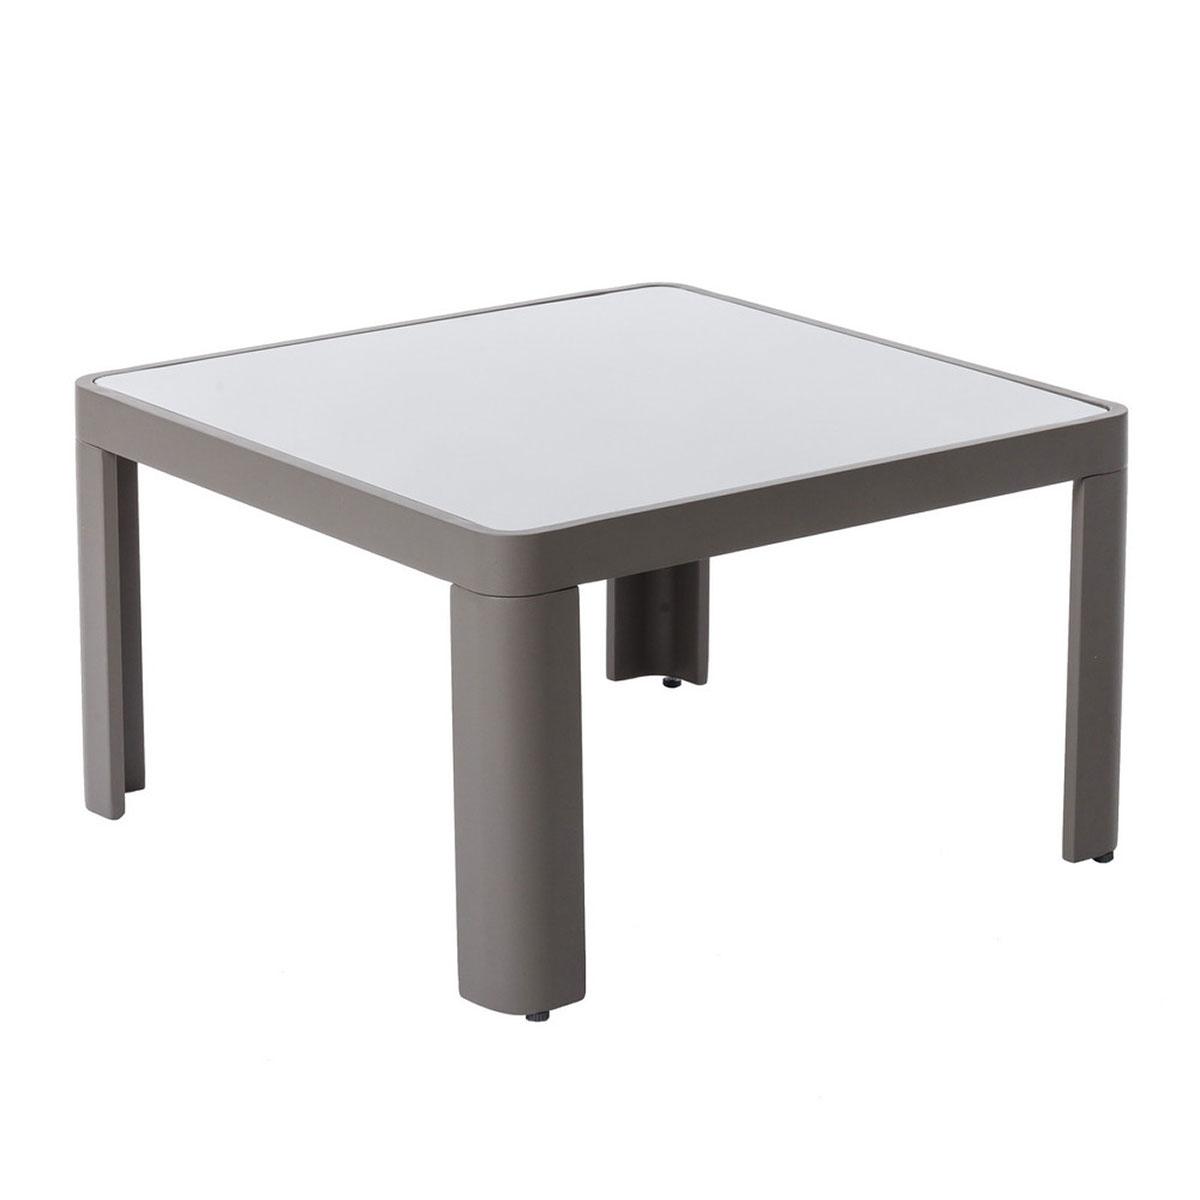 Table basse d'extérieur en aluminium gris - Gris - 70.00 cm x 70.00 cm x 40.00